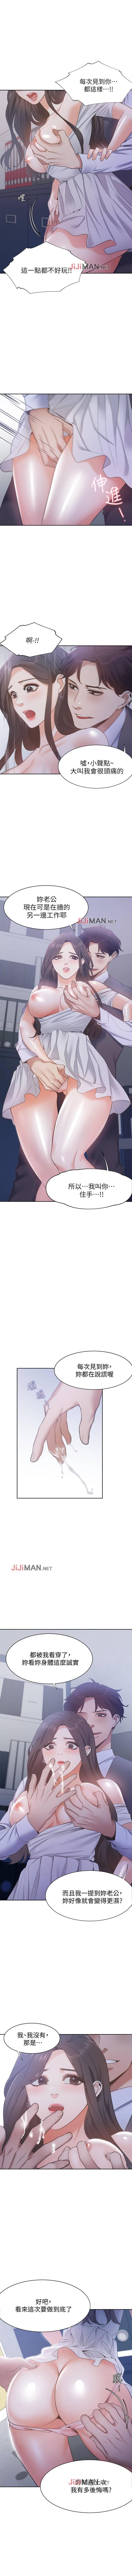 【周五连载】渴望:爱火难耐(作者:Appeal&格子17) 第1~24话 71